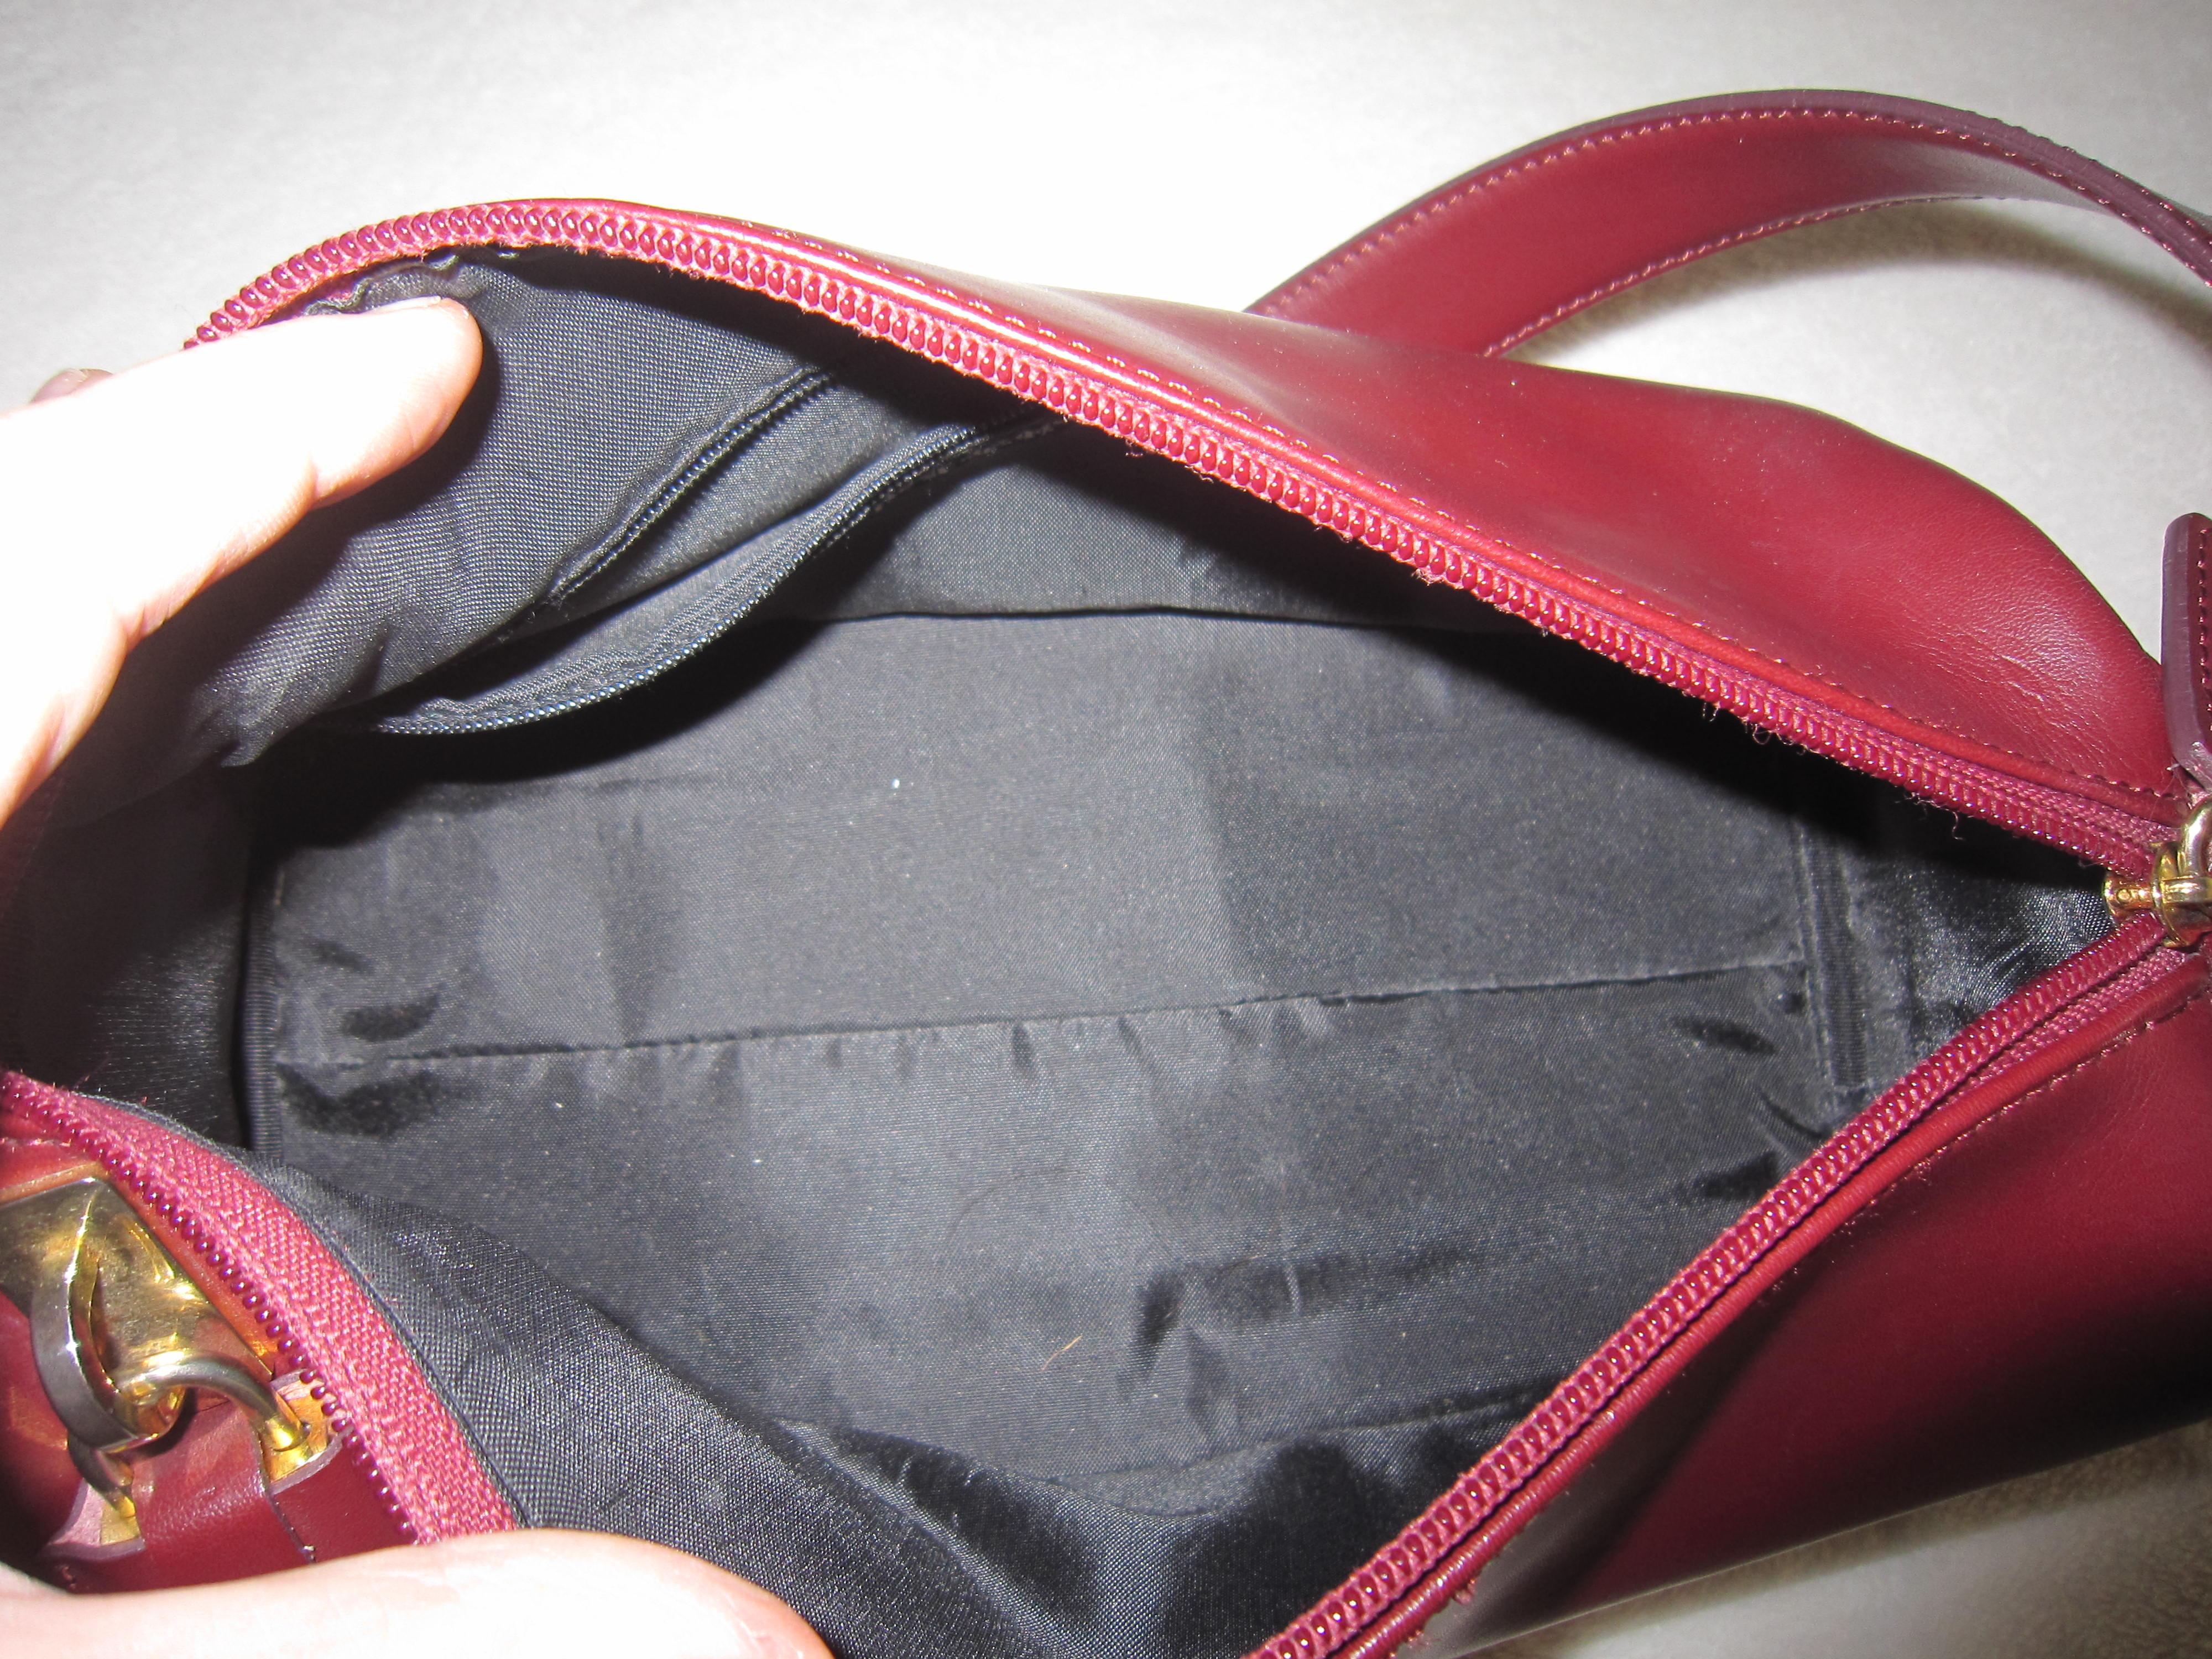 12e1b8feed7d Holt Renfrew Burgundy Leather Shoulder Bag - Luxurylana Boutique